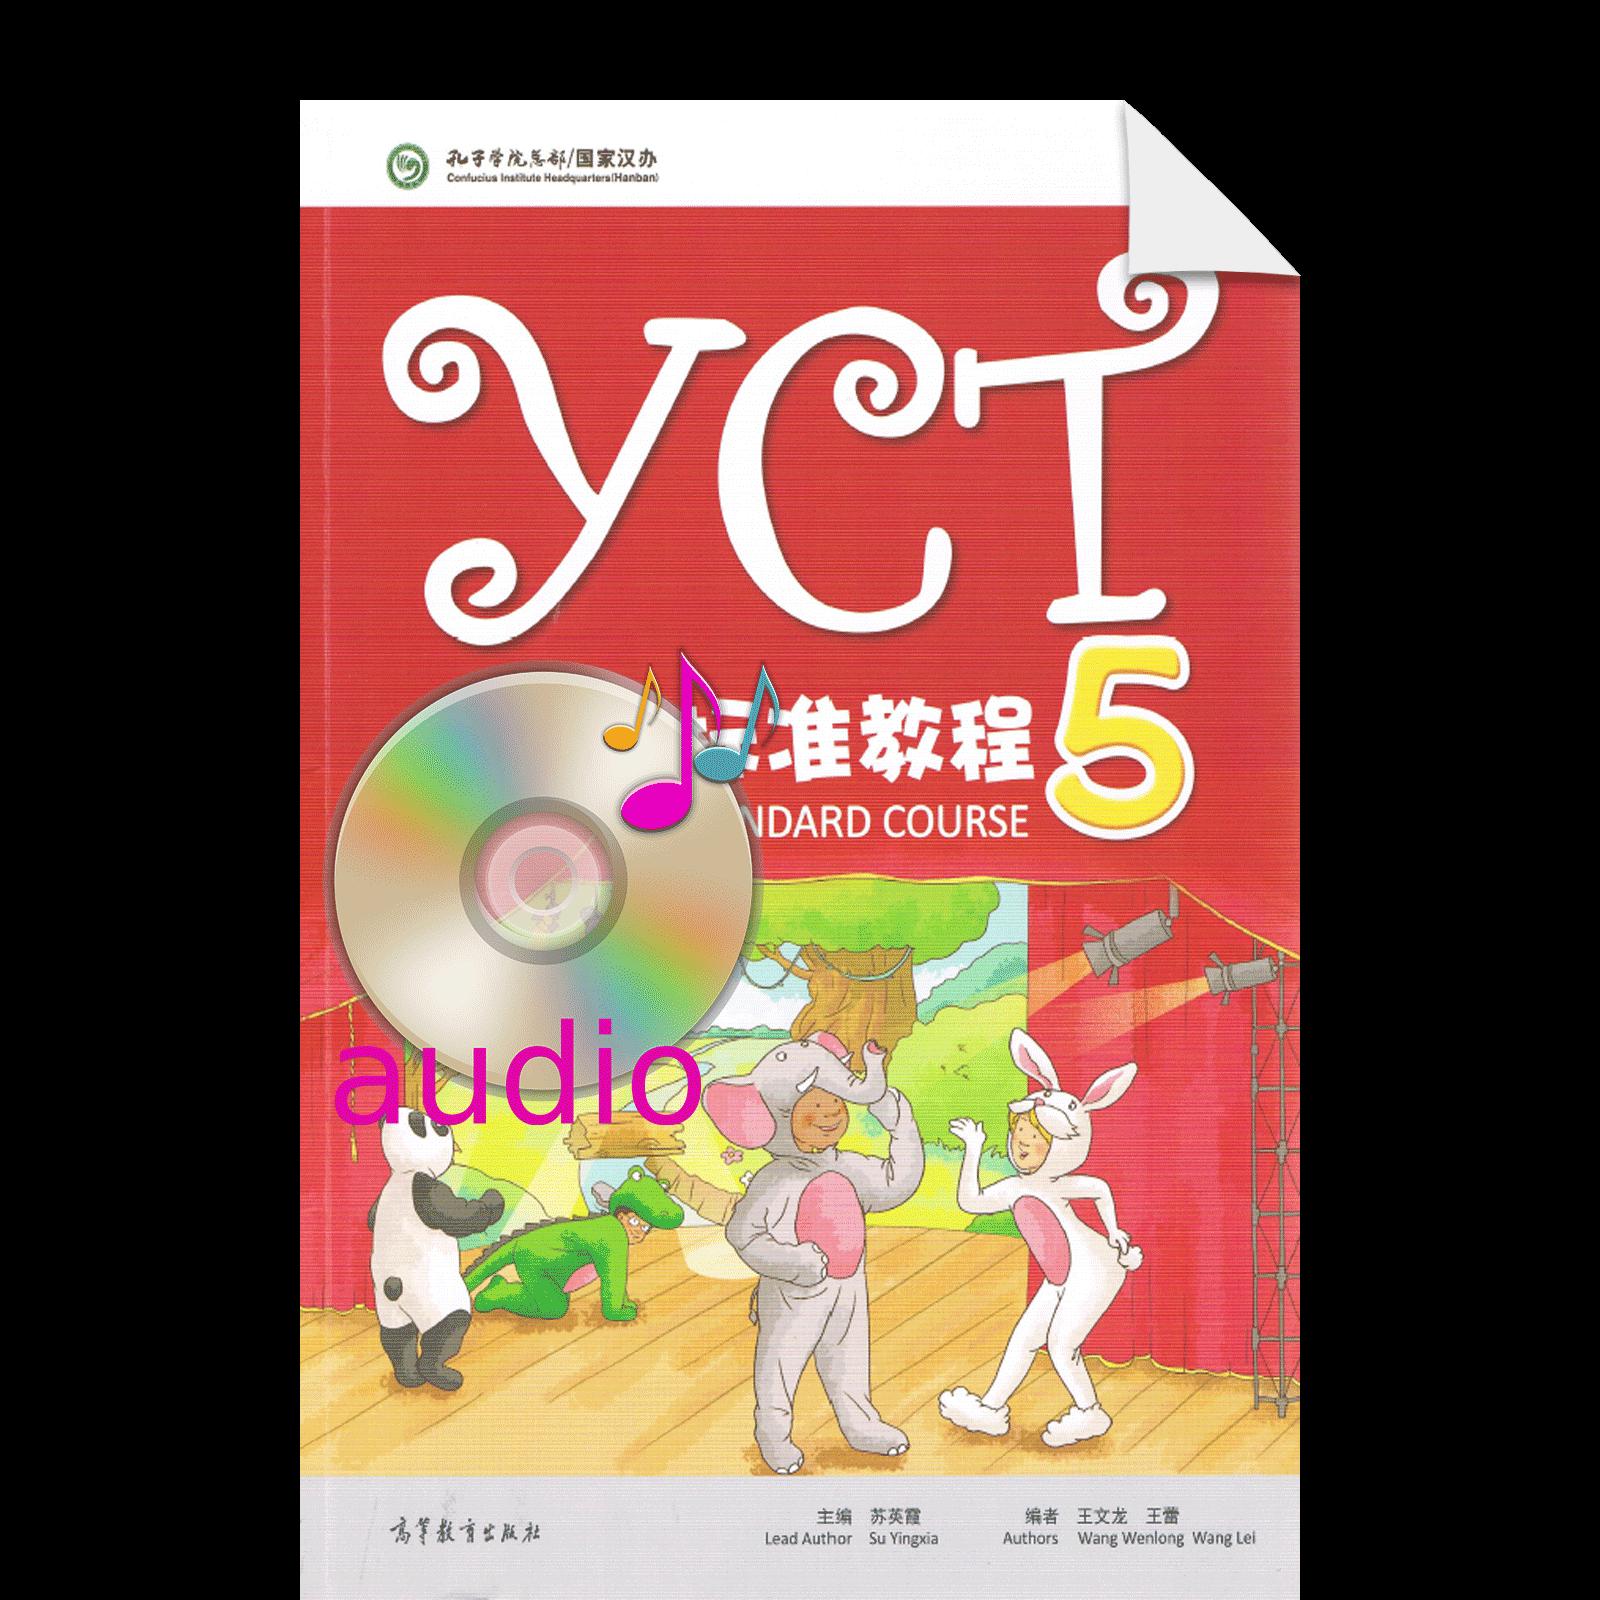 Yct5 Audio